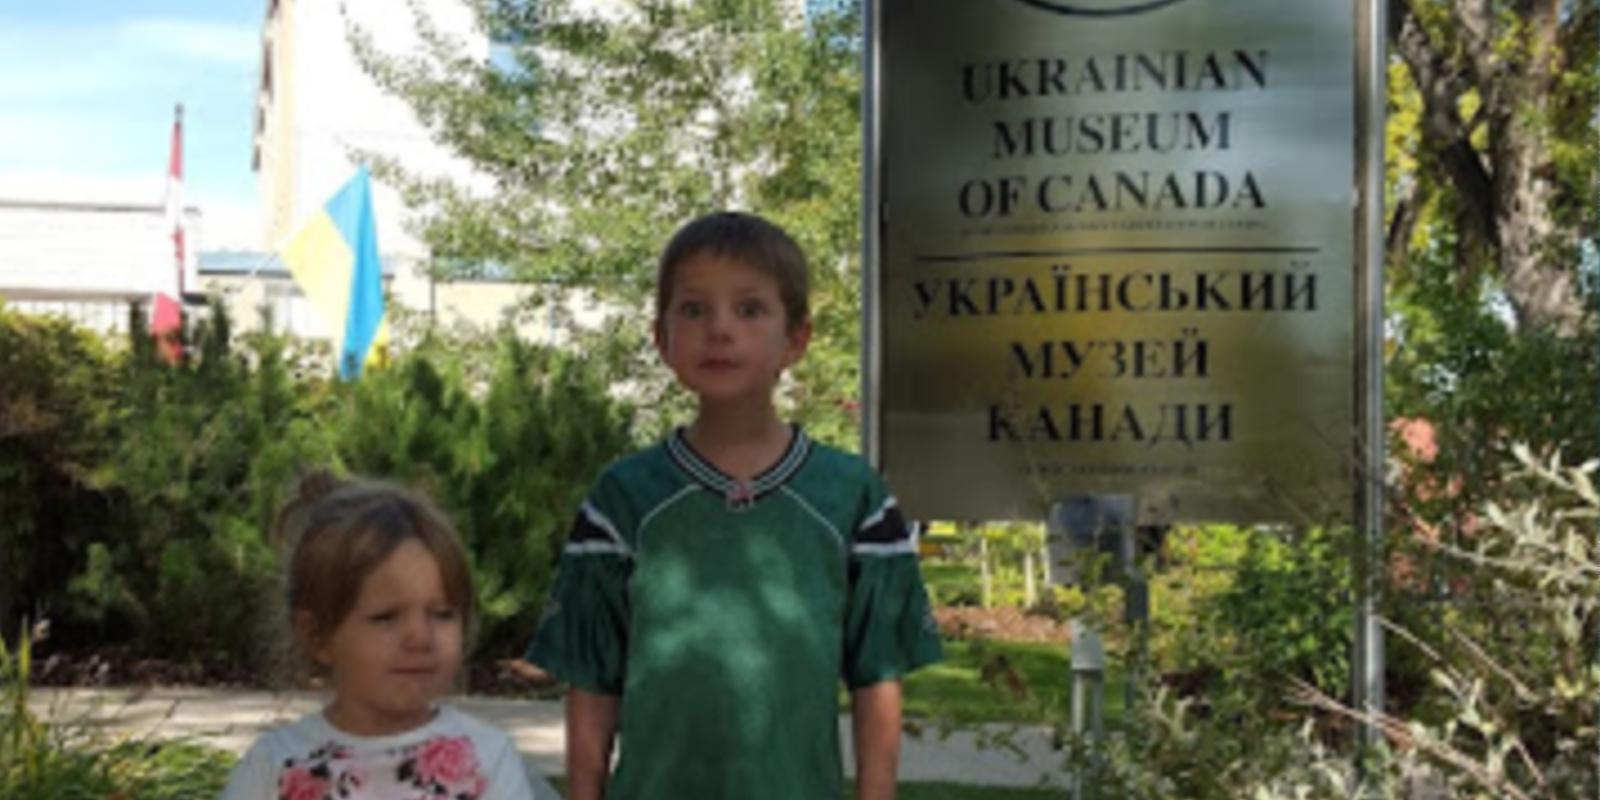 Ukrainian Museum of Canada